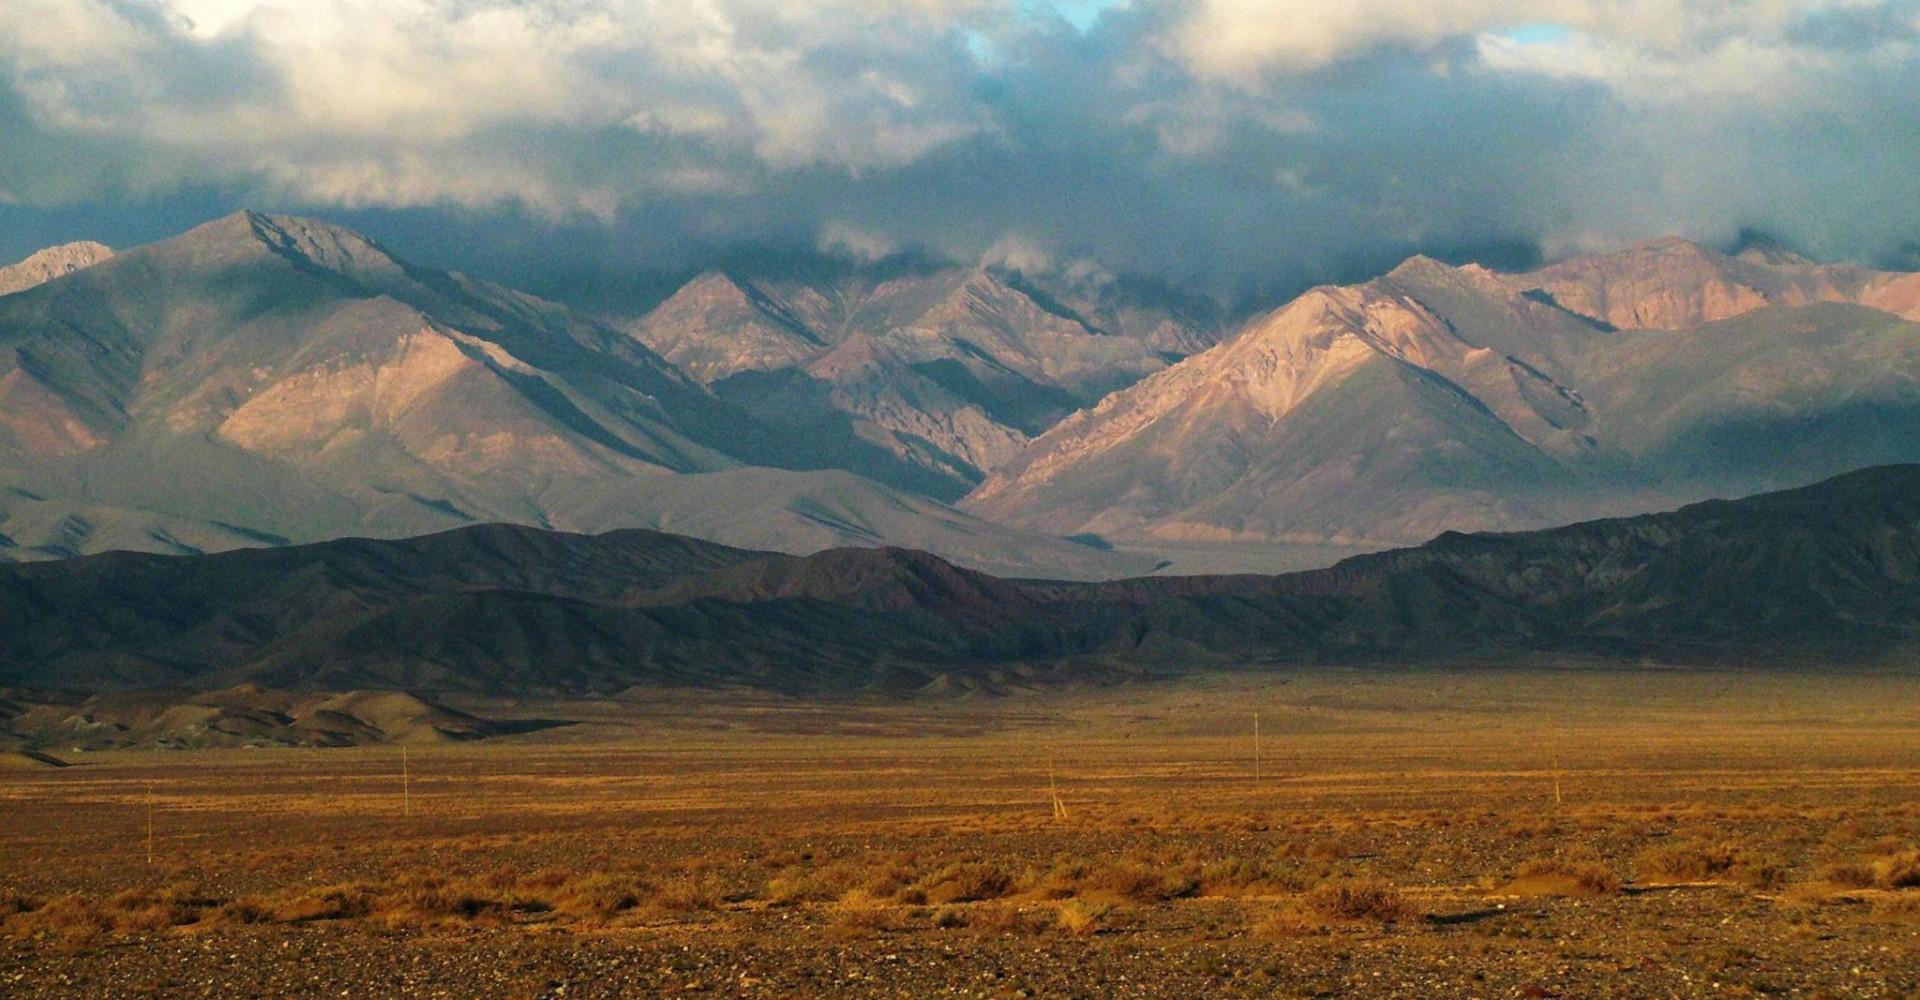 Khasagt Khairkhan Mountain